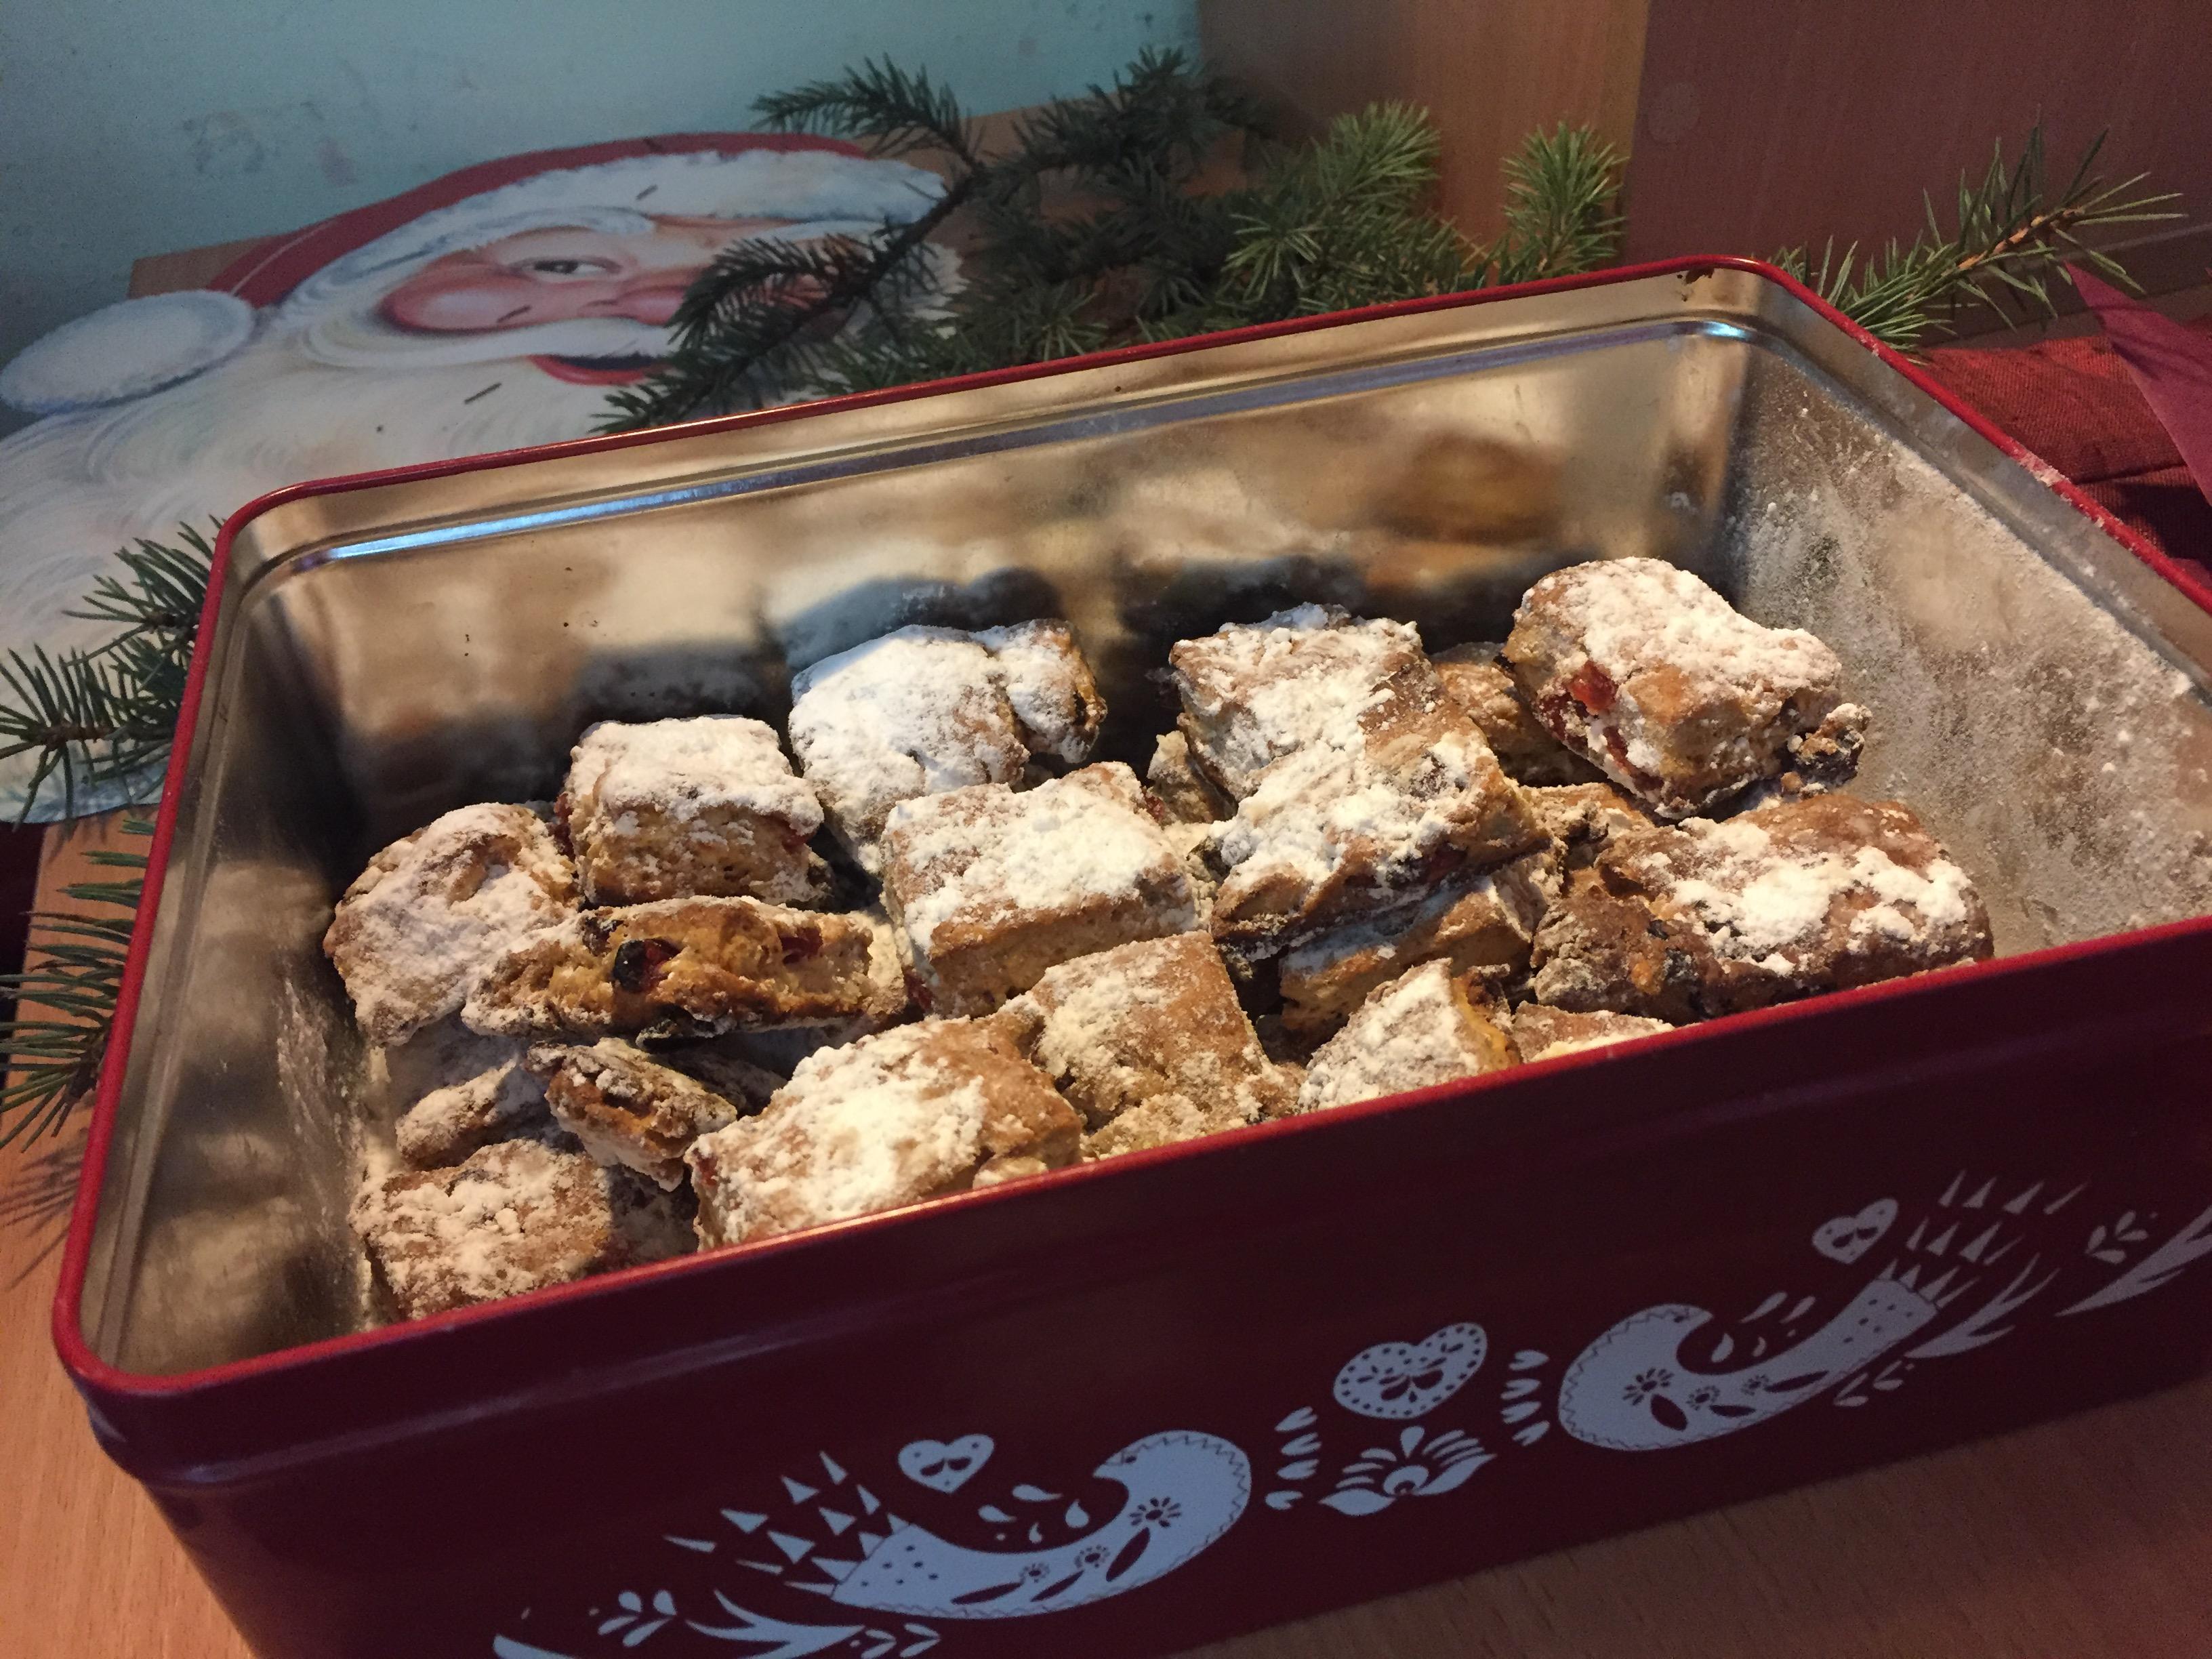 Немецкое рождественское печенье-штоллен (Stollen), которое было приготовлено организаторами Адвента для участников мероприятия. Фото: Диана КОСЯКИНА